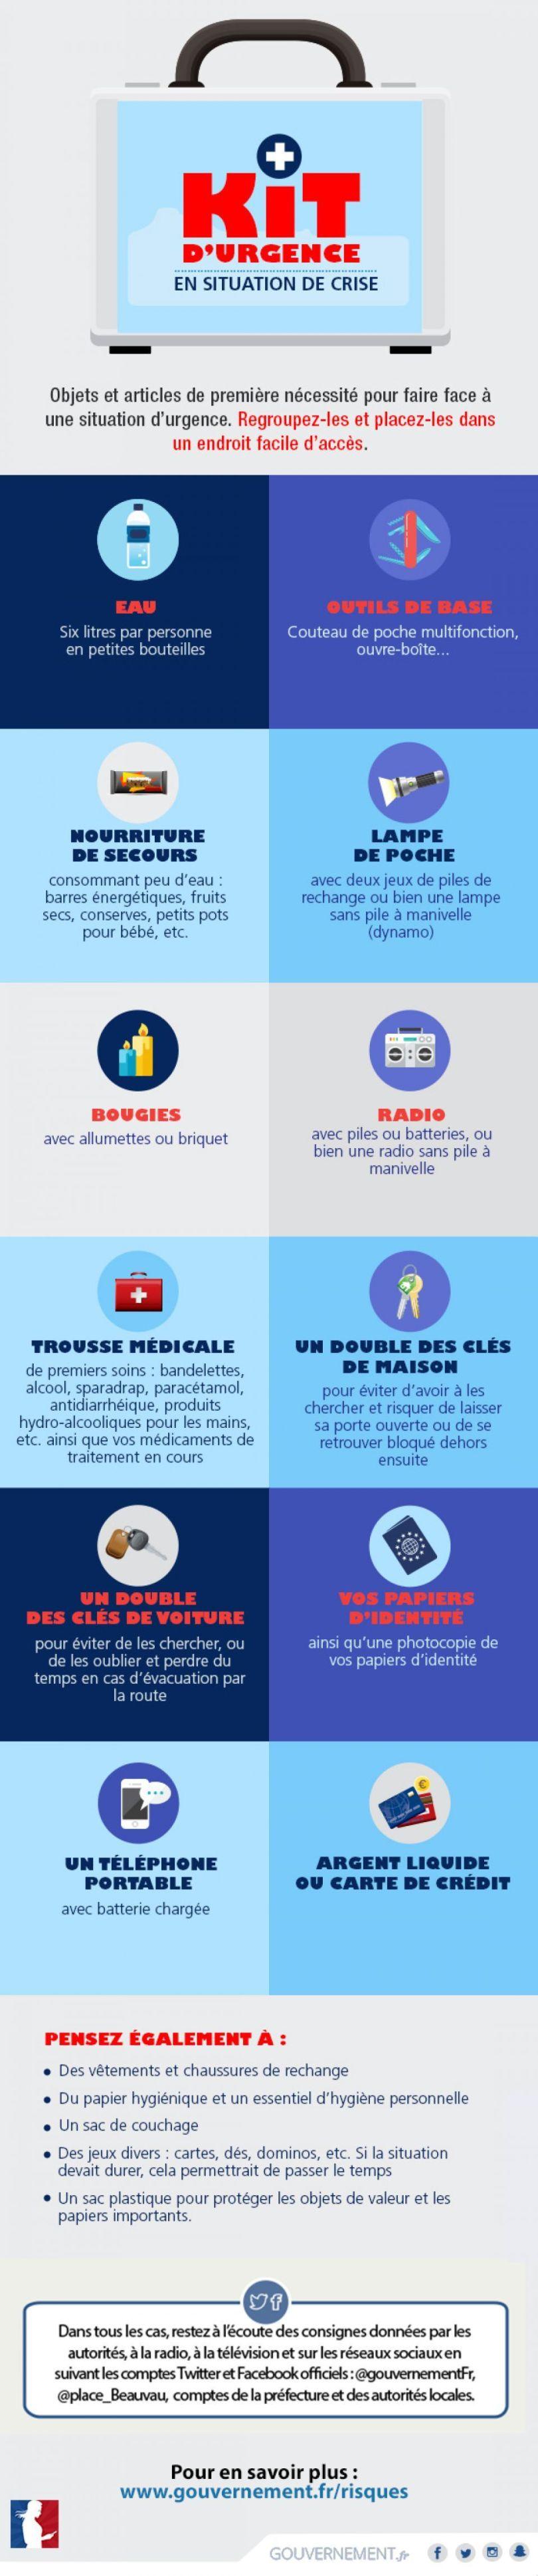 Kit d_urgence - Gouvernement français